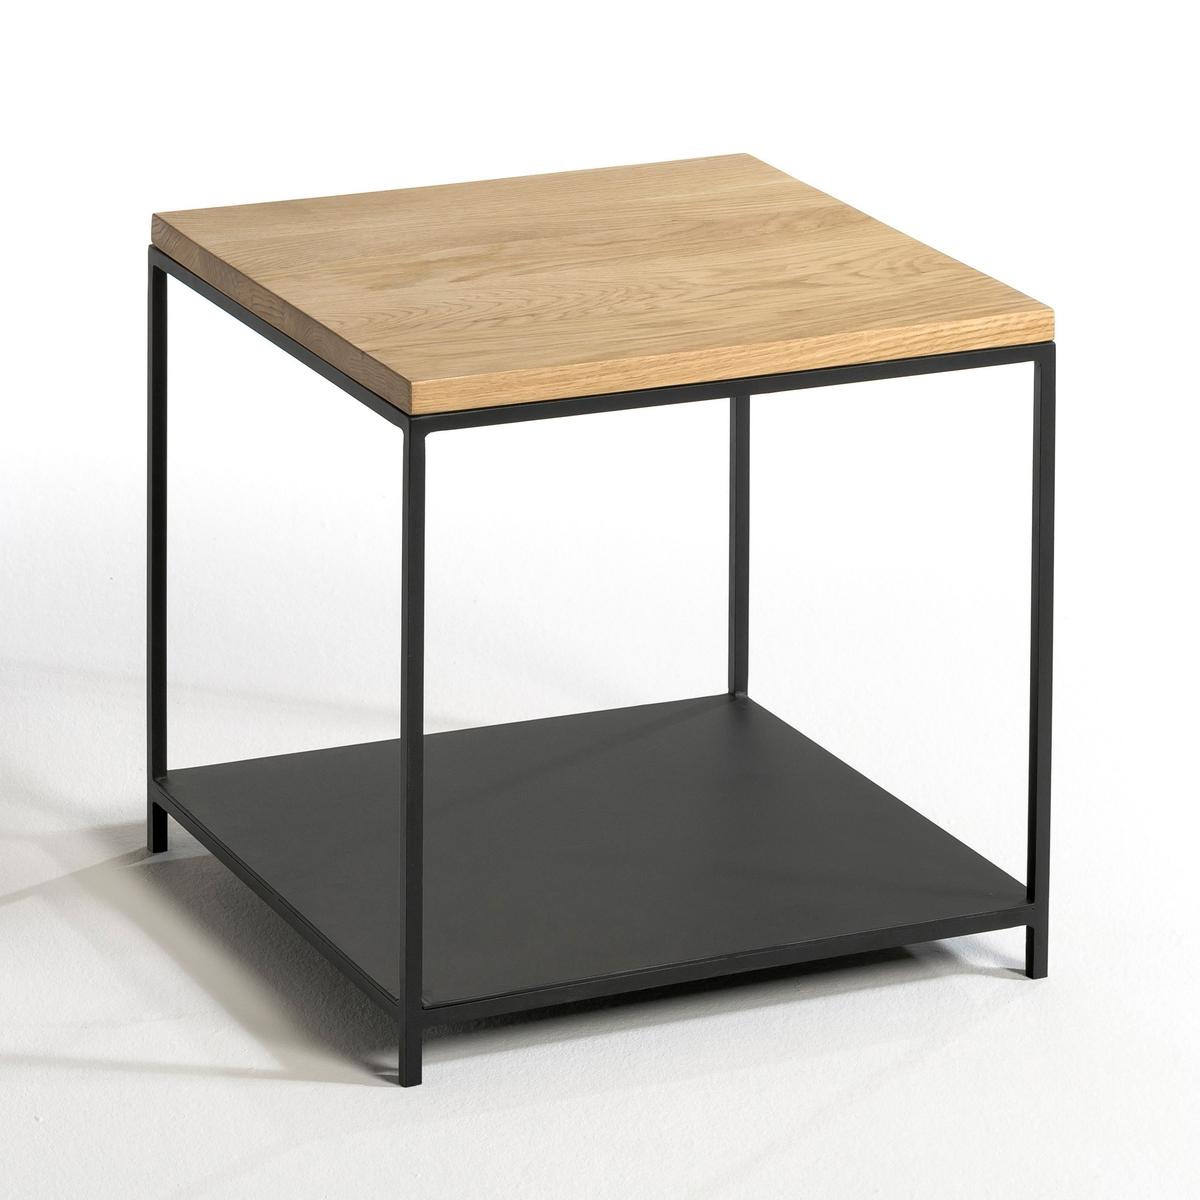 Столик диванный из массива дуба, AranzaХарактеристики : - Металлический каркас с черным матовым покрытием- Дубовая столешница с нитроцеллюлозным покрытием- Поставляется в собранном видеРазмеры : - Ш.40 x В.40 x Г.40 см, 11 кгРазмеры и вес упаковки :- Ш.48,5 x В.47,5 x Г.48,5 см, 13 кг<br><br>Цвет: натуральный дуб